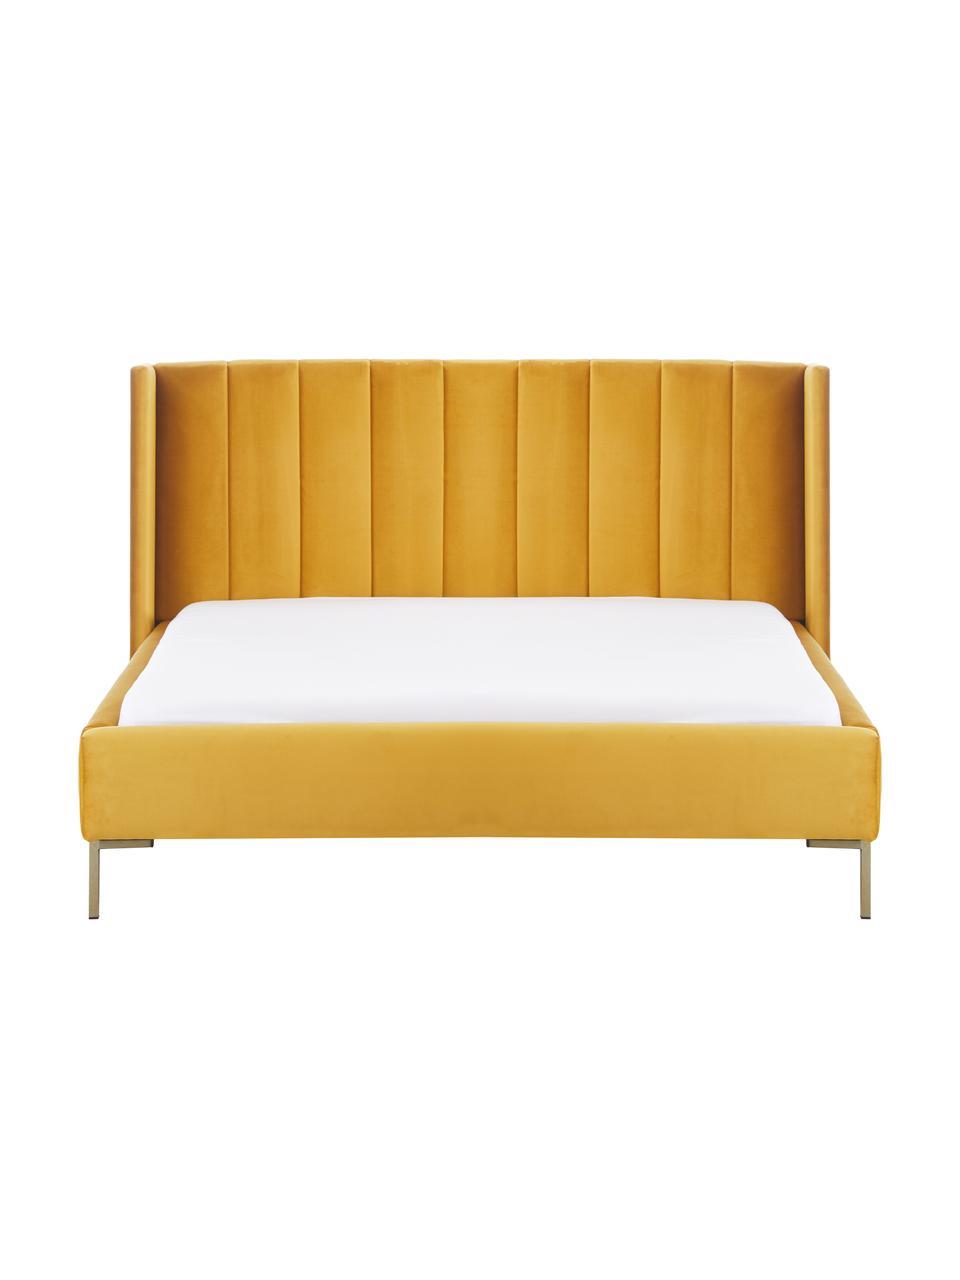 Letto matrimoniale imbottito in velluto giallo Dusk, Rivestimento: velluto di poliestere, 32, Piedini: metallo verniciato a polv, Velluto giallo, 200 x 200 cm